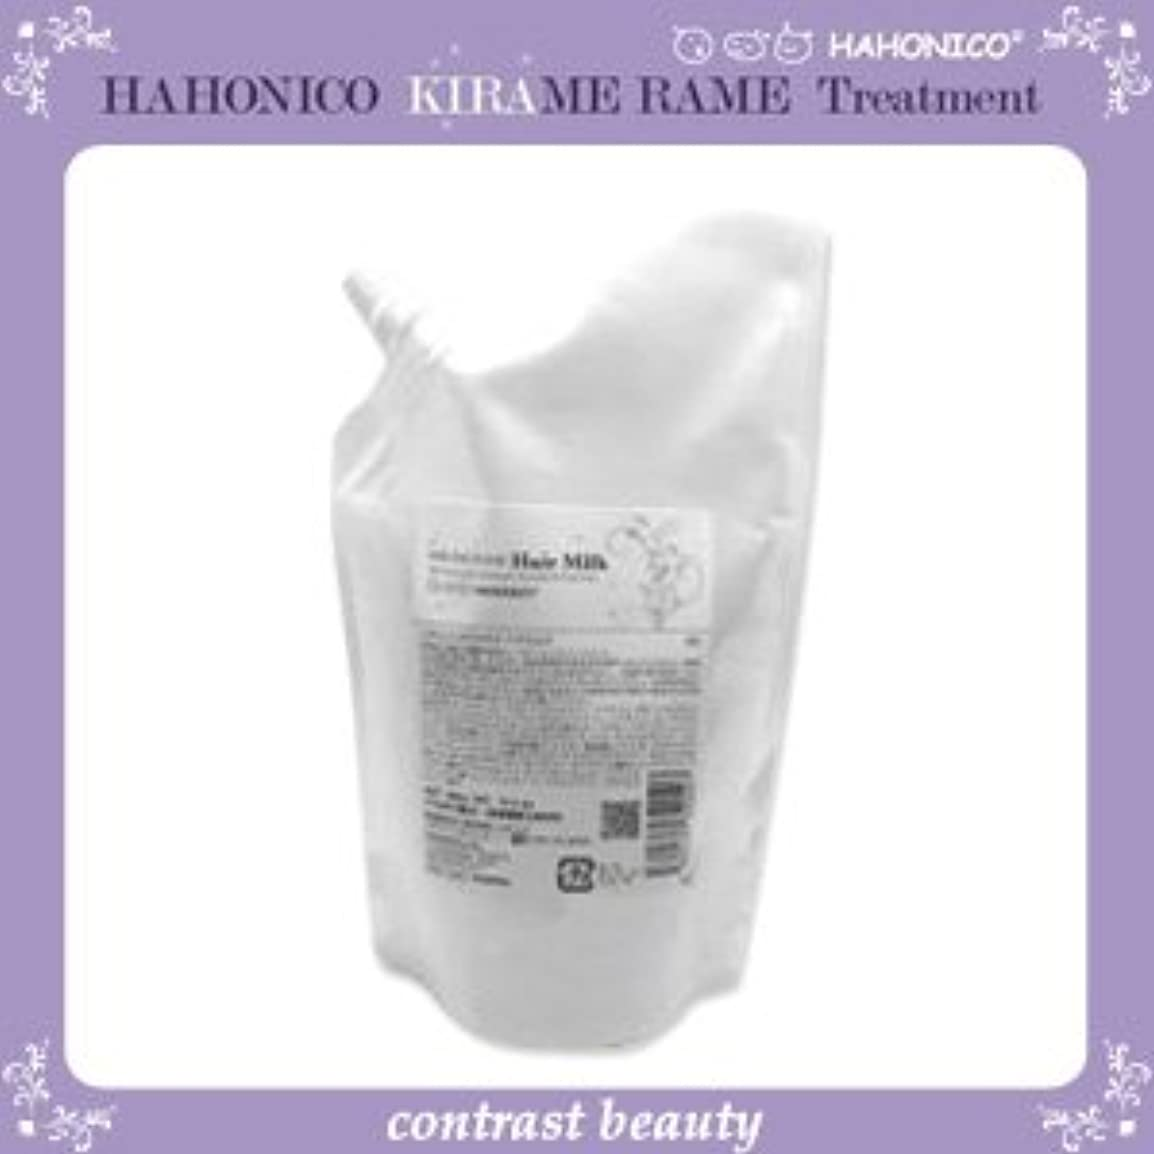 行商おなかがすいた空虚【X5個セット】 ハホニコ キラメラメ ヘアミルク 300g KIRAME RAME HAHONICO